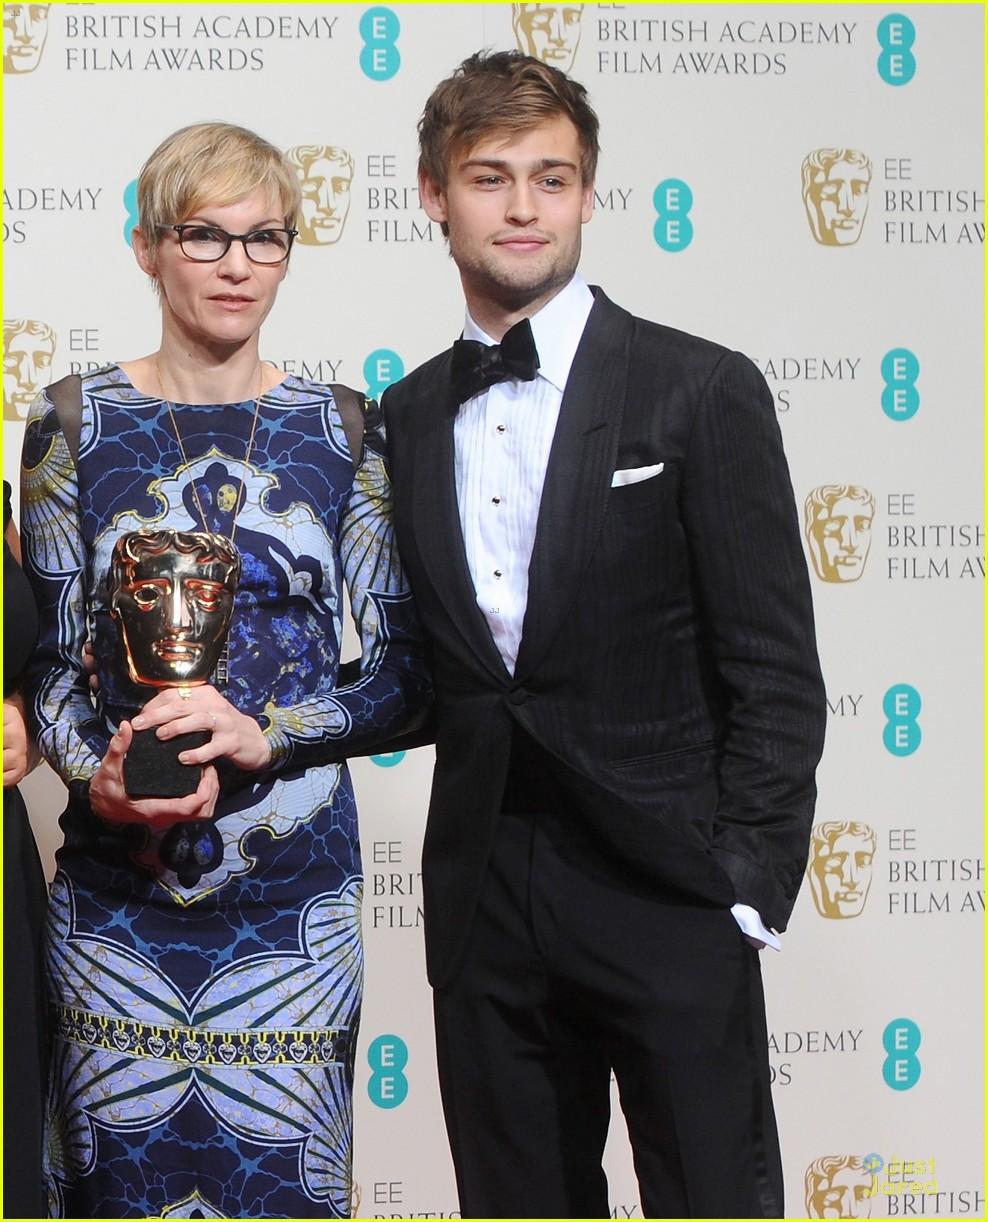 Douglas Booth & Sam Claflin: BAFTAs 2014 Red Carpet